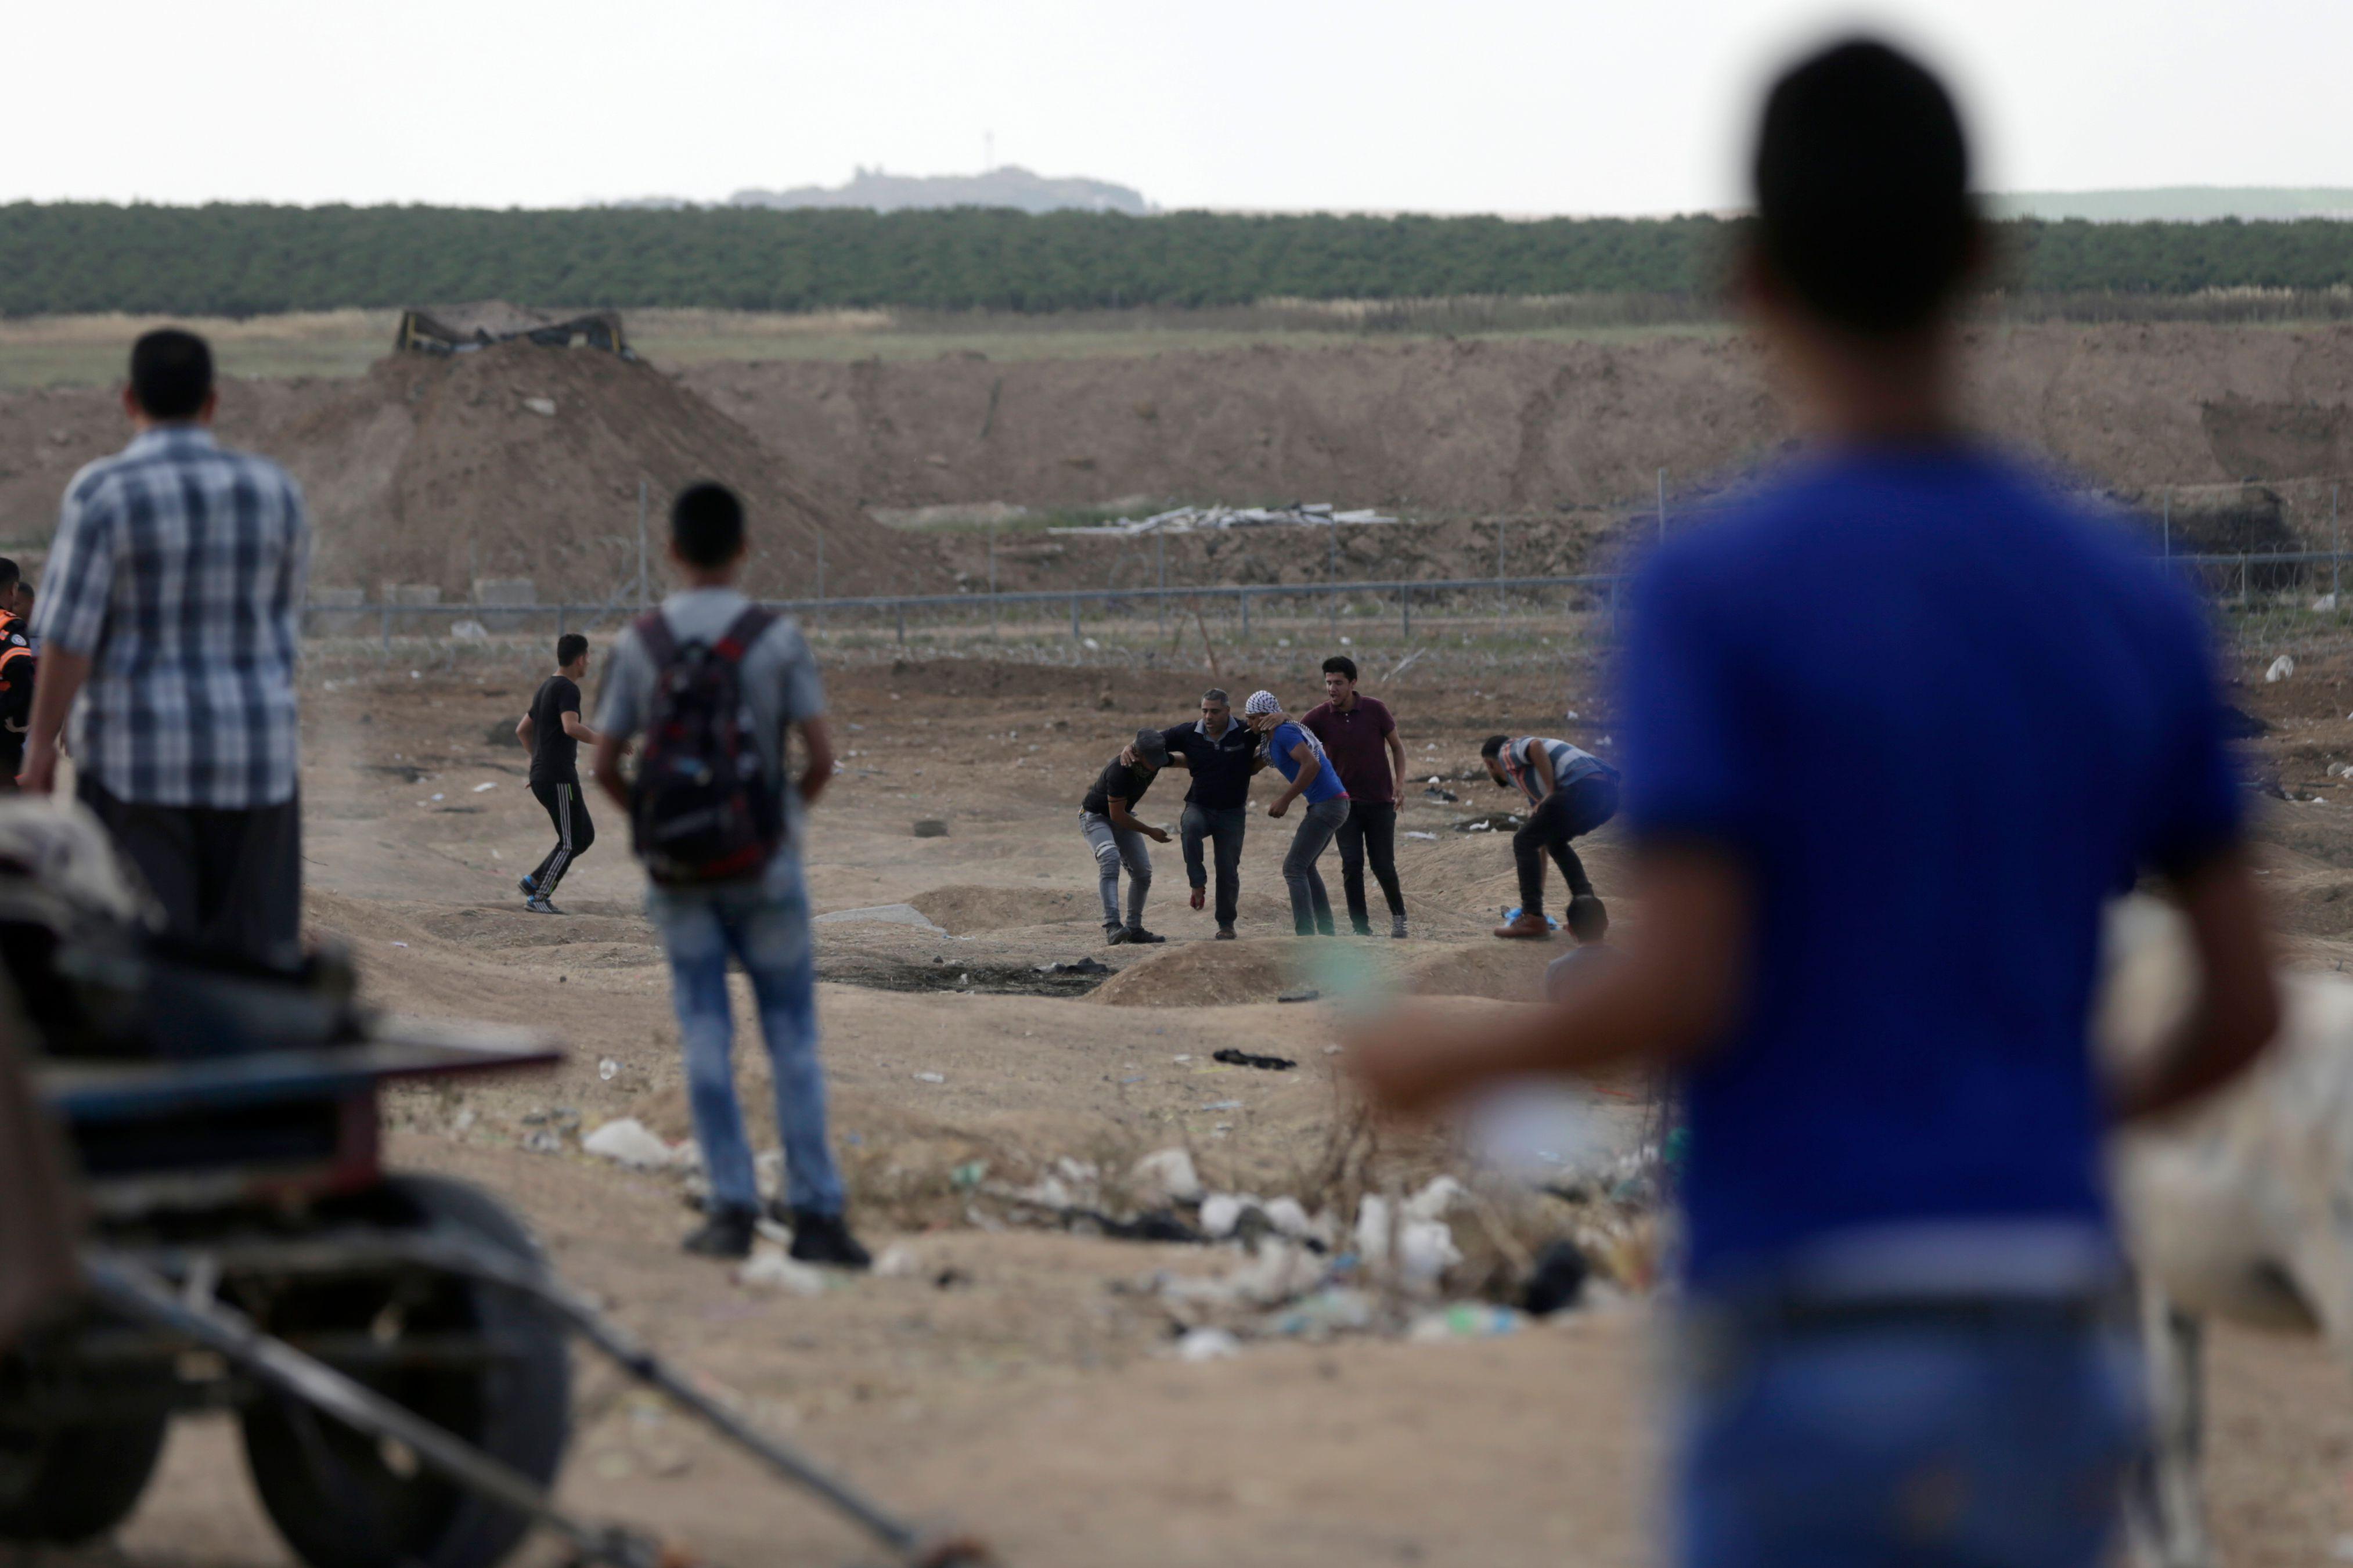 إصابة فى صفوف الفلسطينيين بقطاع غزة